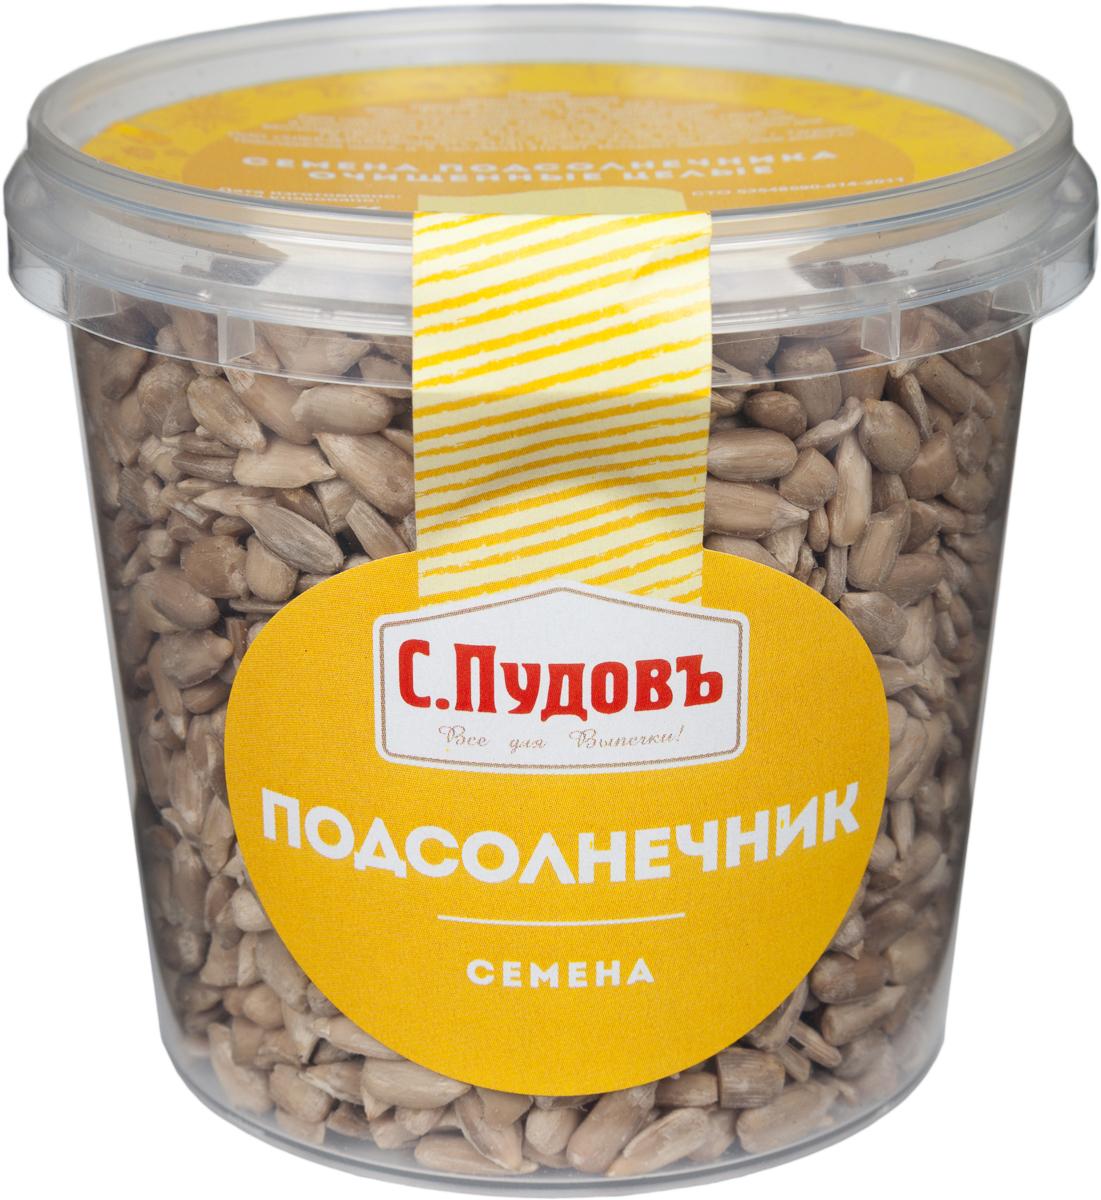 С. Пудовъ семена подсолнечника очищенные целые, 170 г